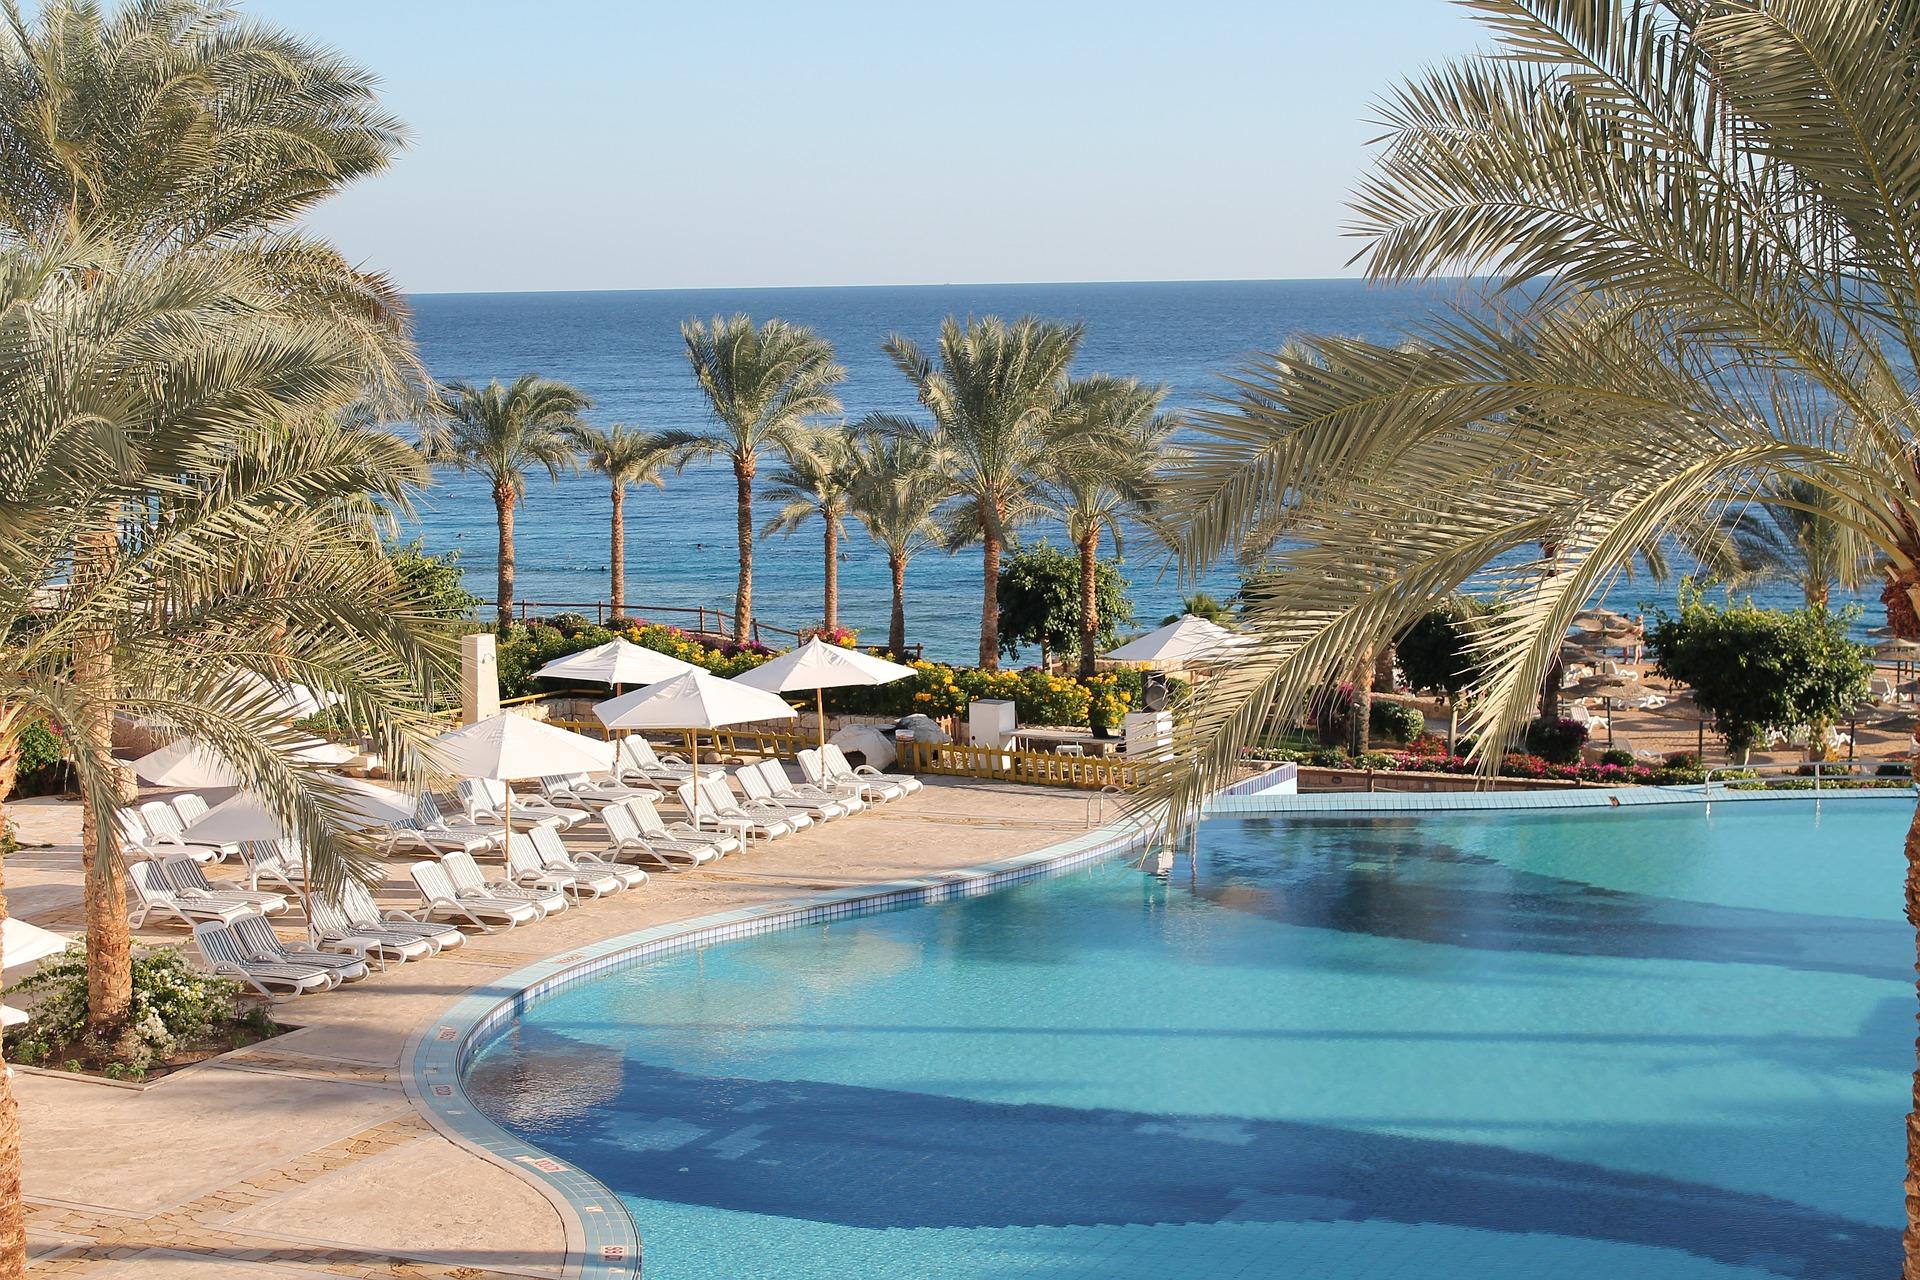 Єгипет пляж море